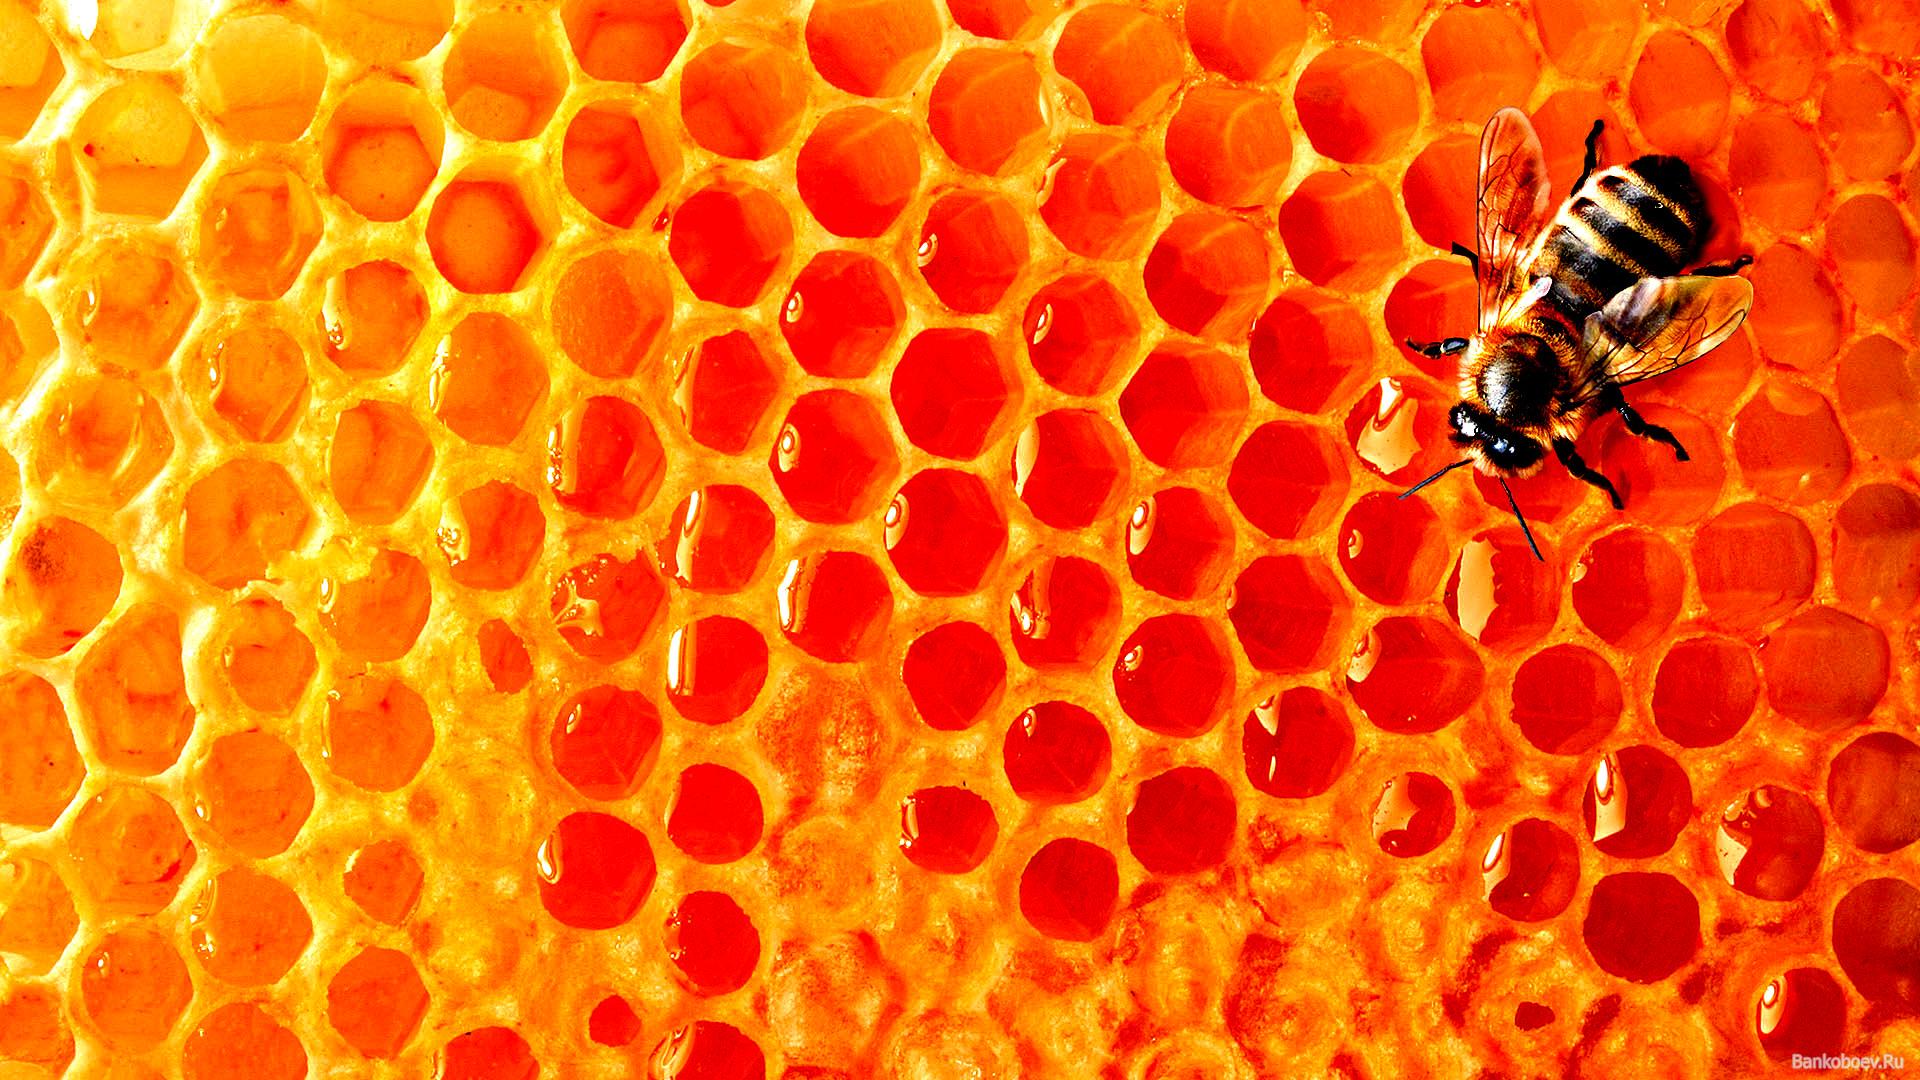 wallpaper bee Honey honey honeycomb download photo wallpapers 1920x1080